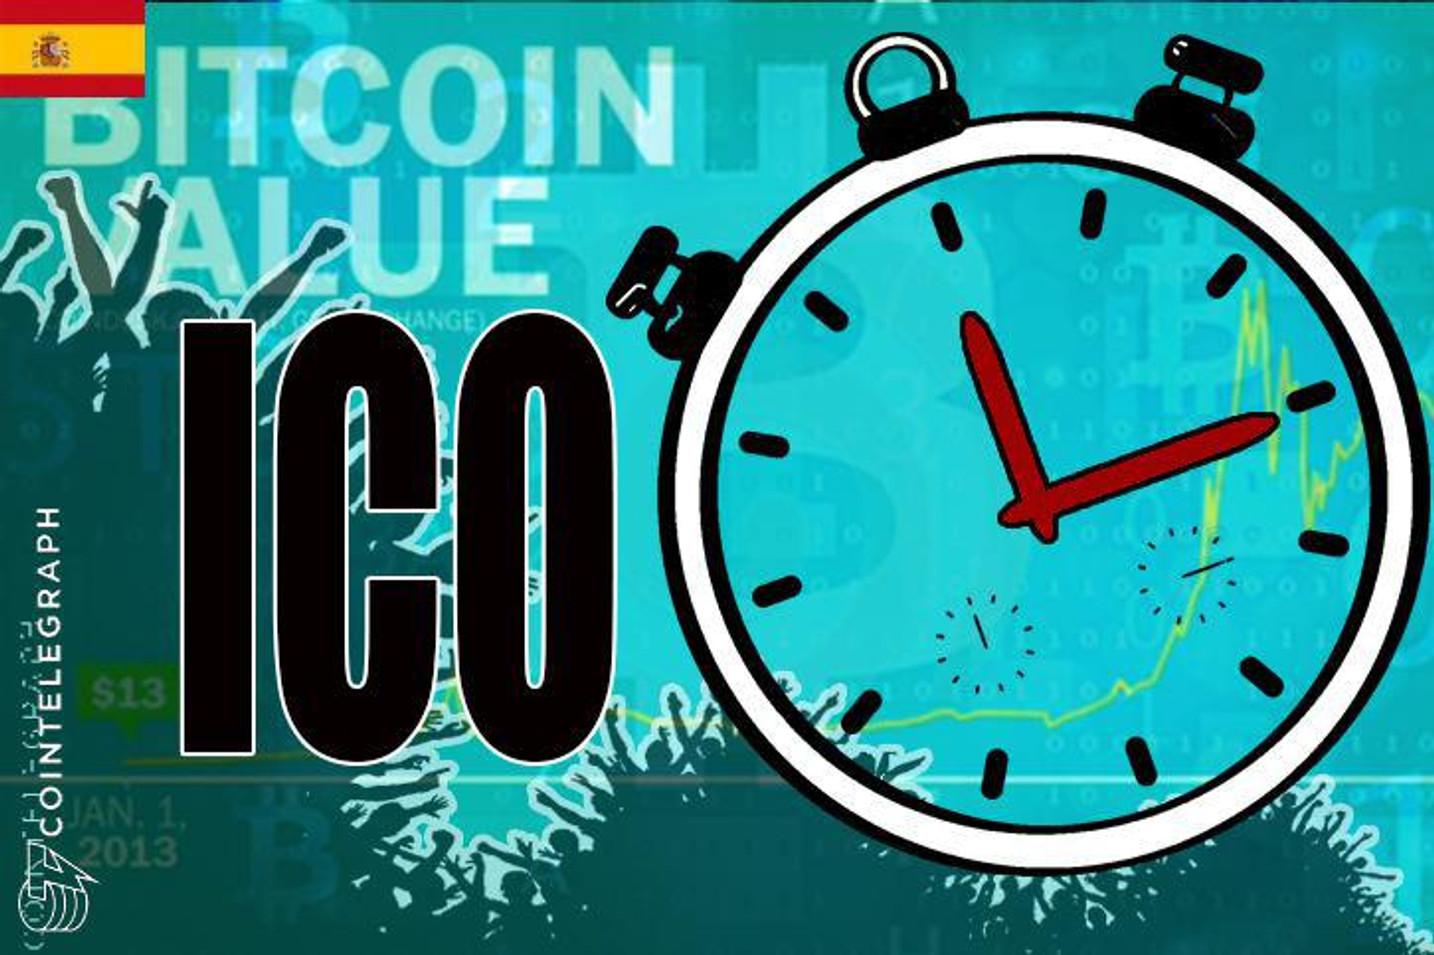 Las ICO, singular evento en el mundo de las criptomonedas